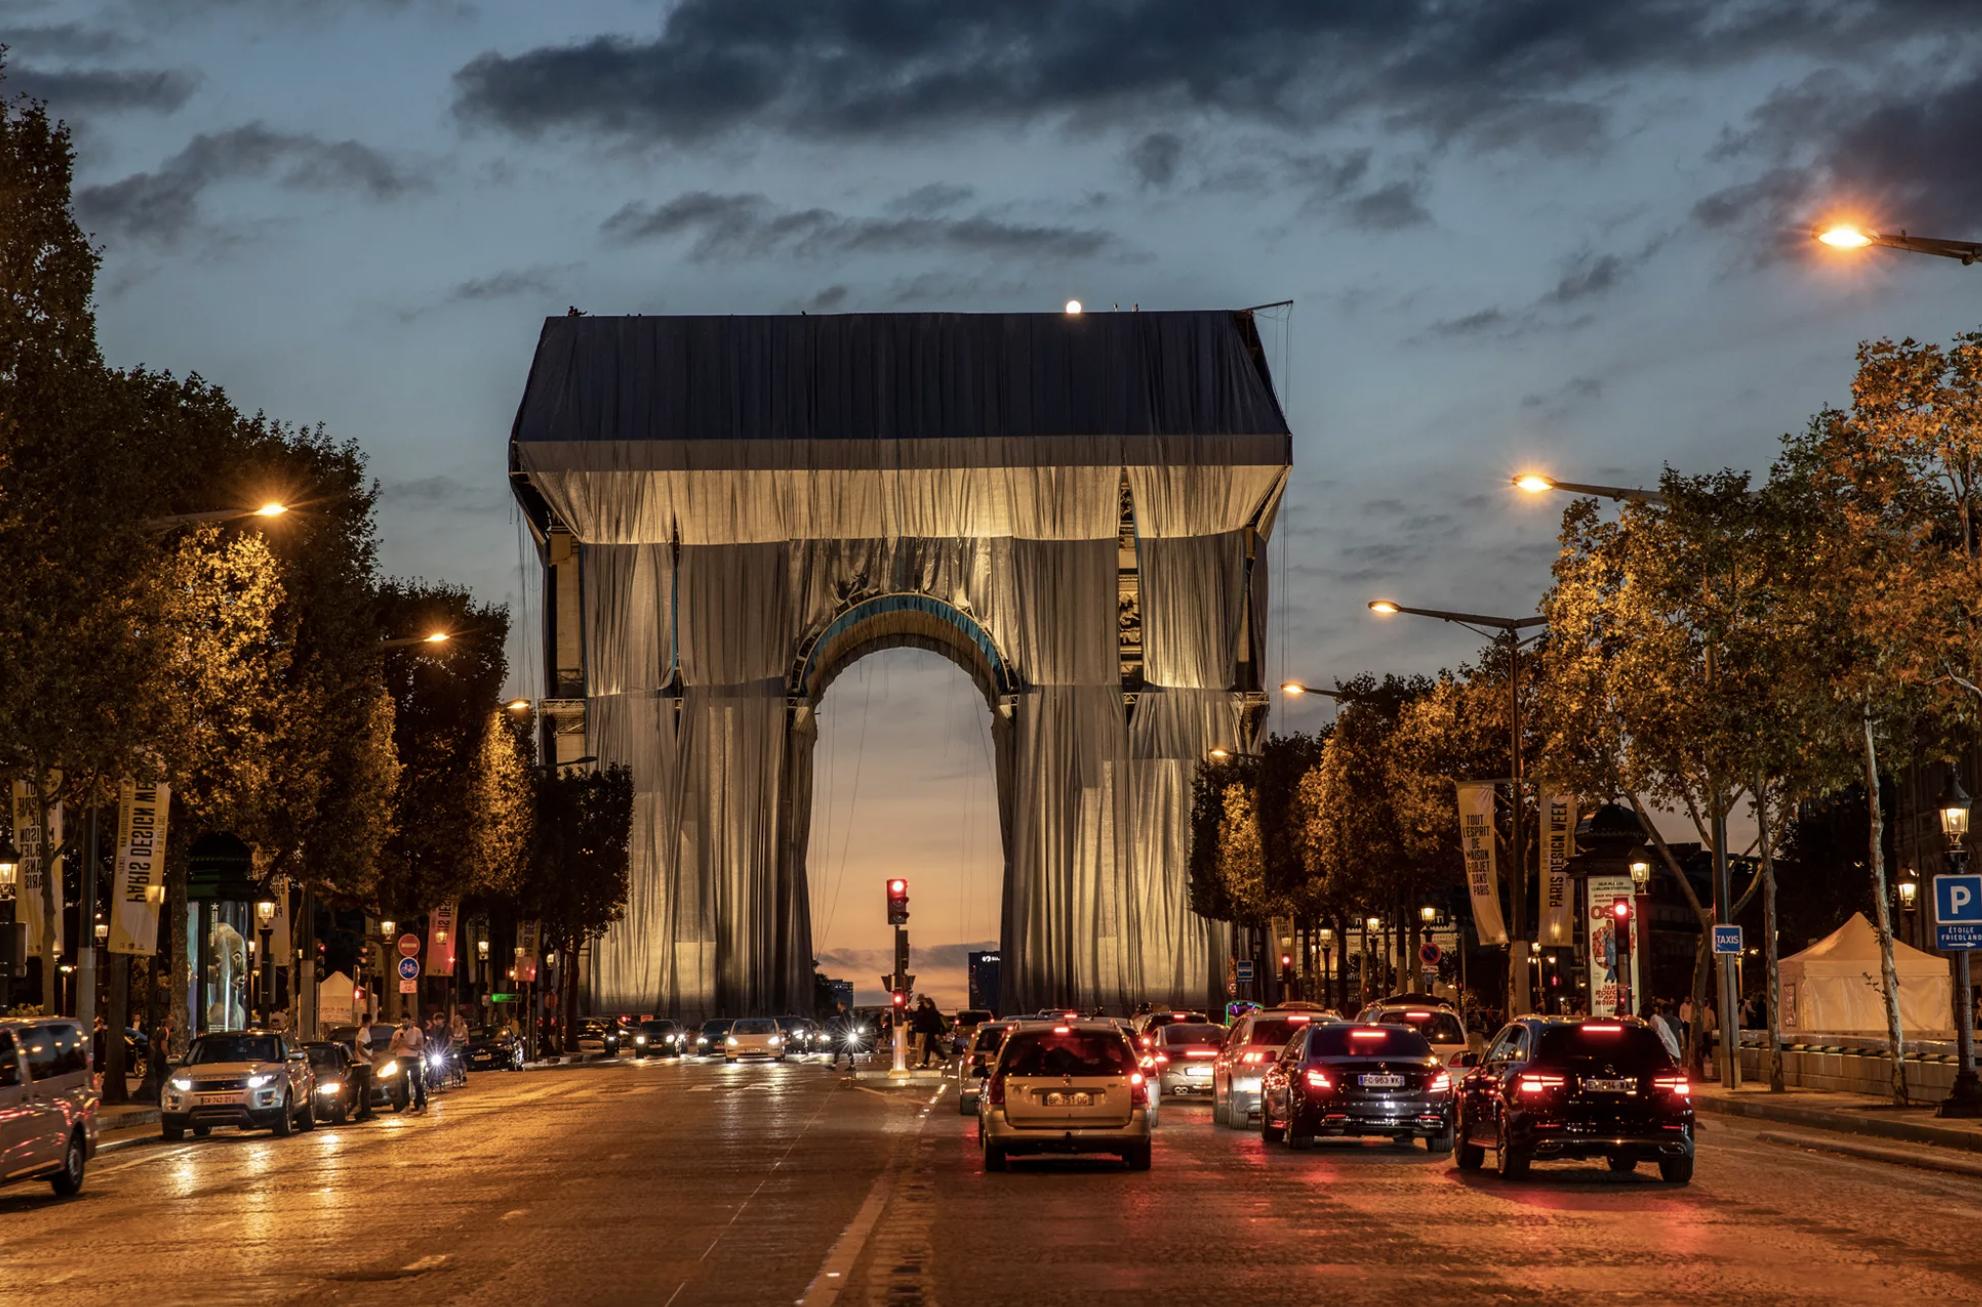 Исполняют последнюю волю художника Христо: Триумфальную арку в Париже обтягивают тканью (ФОТО) - фото №4